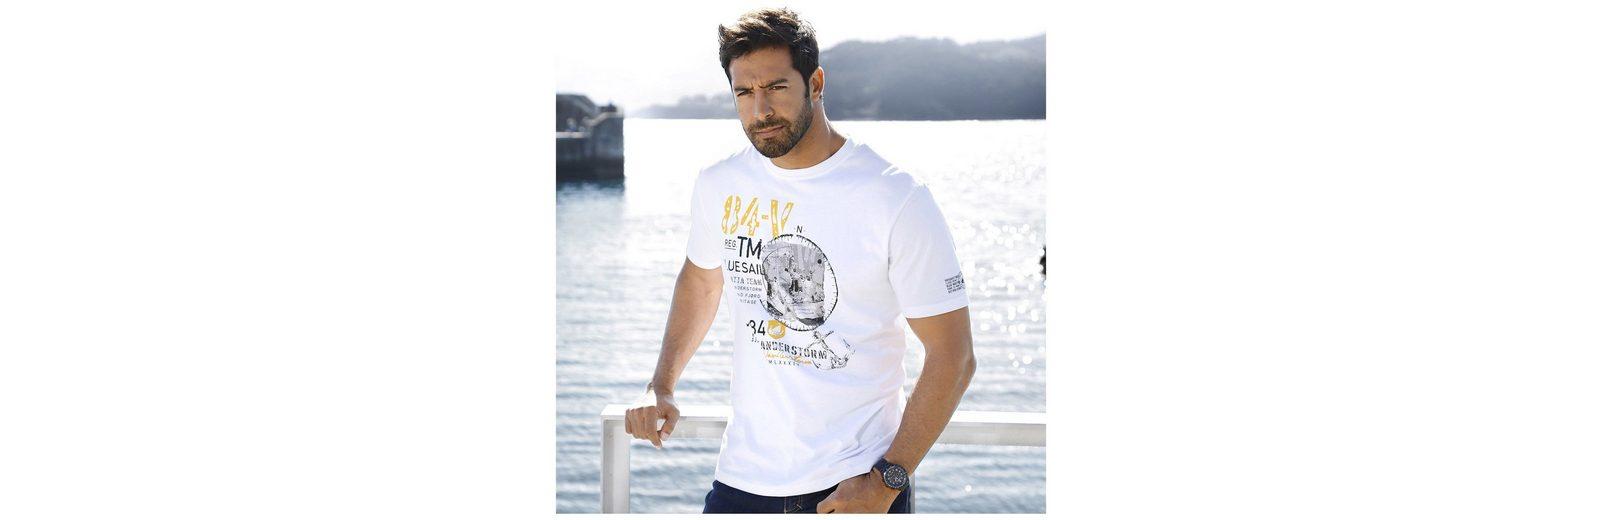 Jan Vanderstorm T-Shirt GARRI Qualität Freies Verschiffen Vorbestellung Verkauf Online Verkauf Wählen Eine Beste Äußerst Günstig Kaufen Fabrikverkauf tYMrwcCg